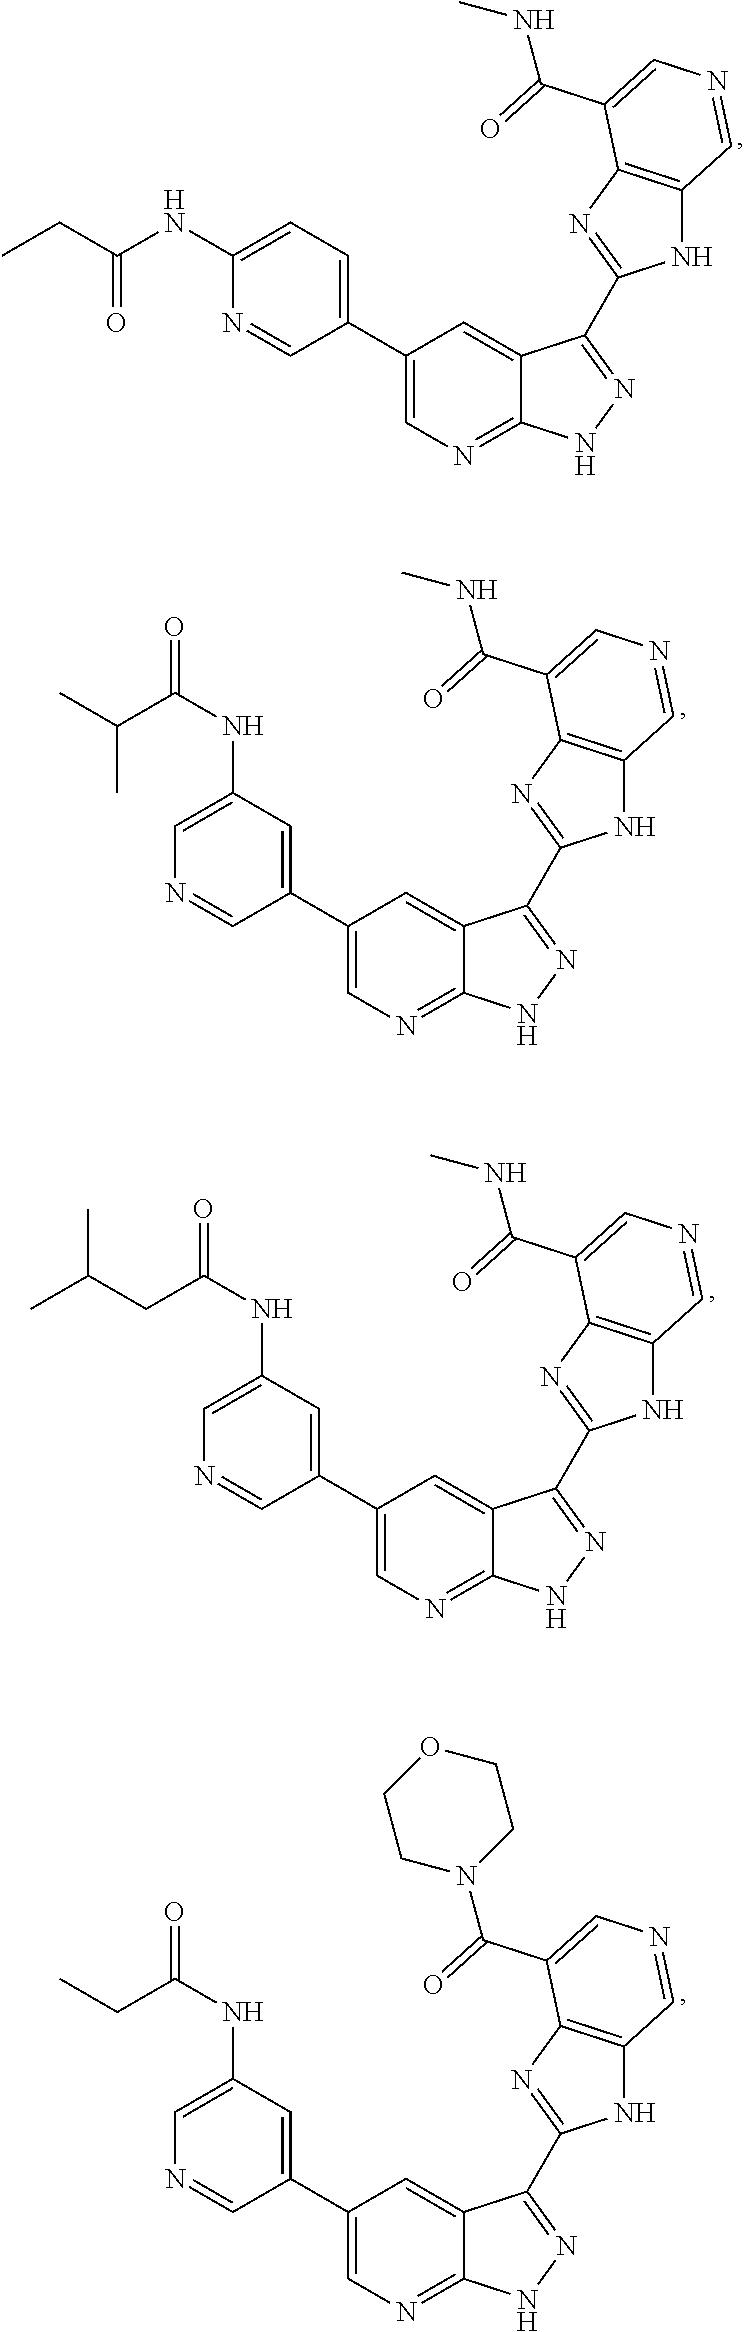 Figure US08618128-20131231-C00012